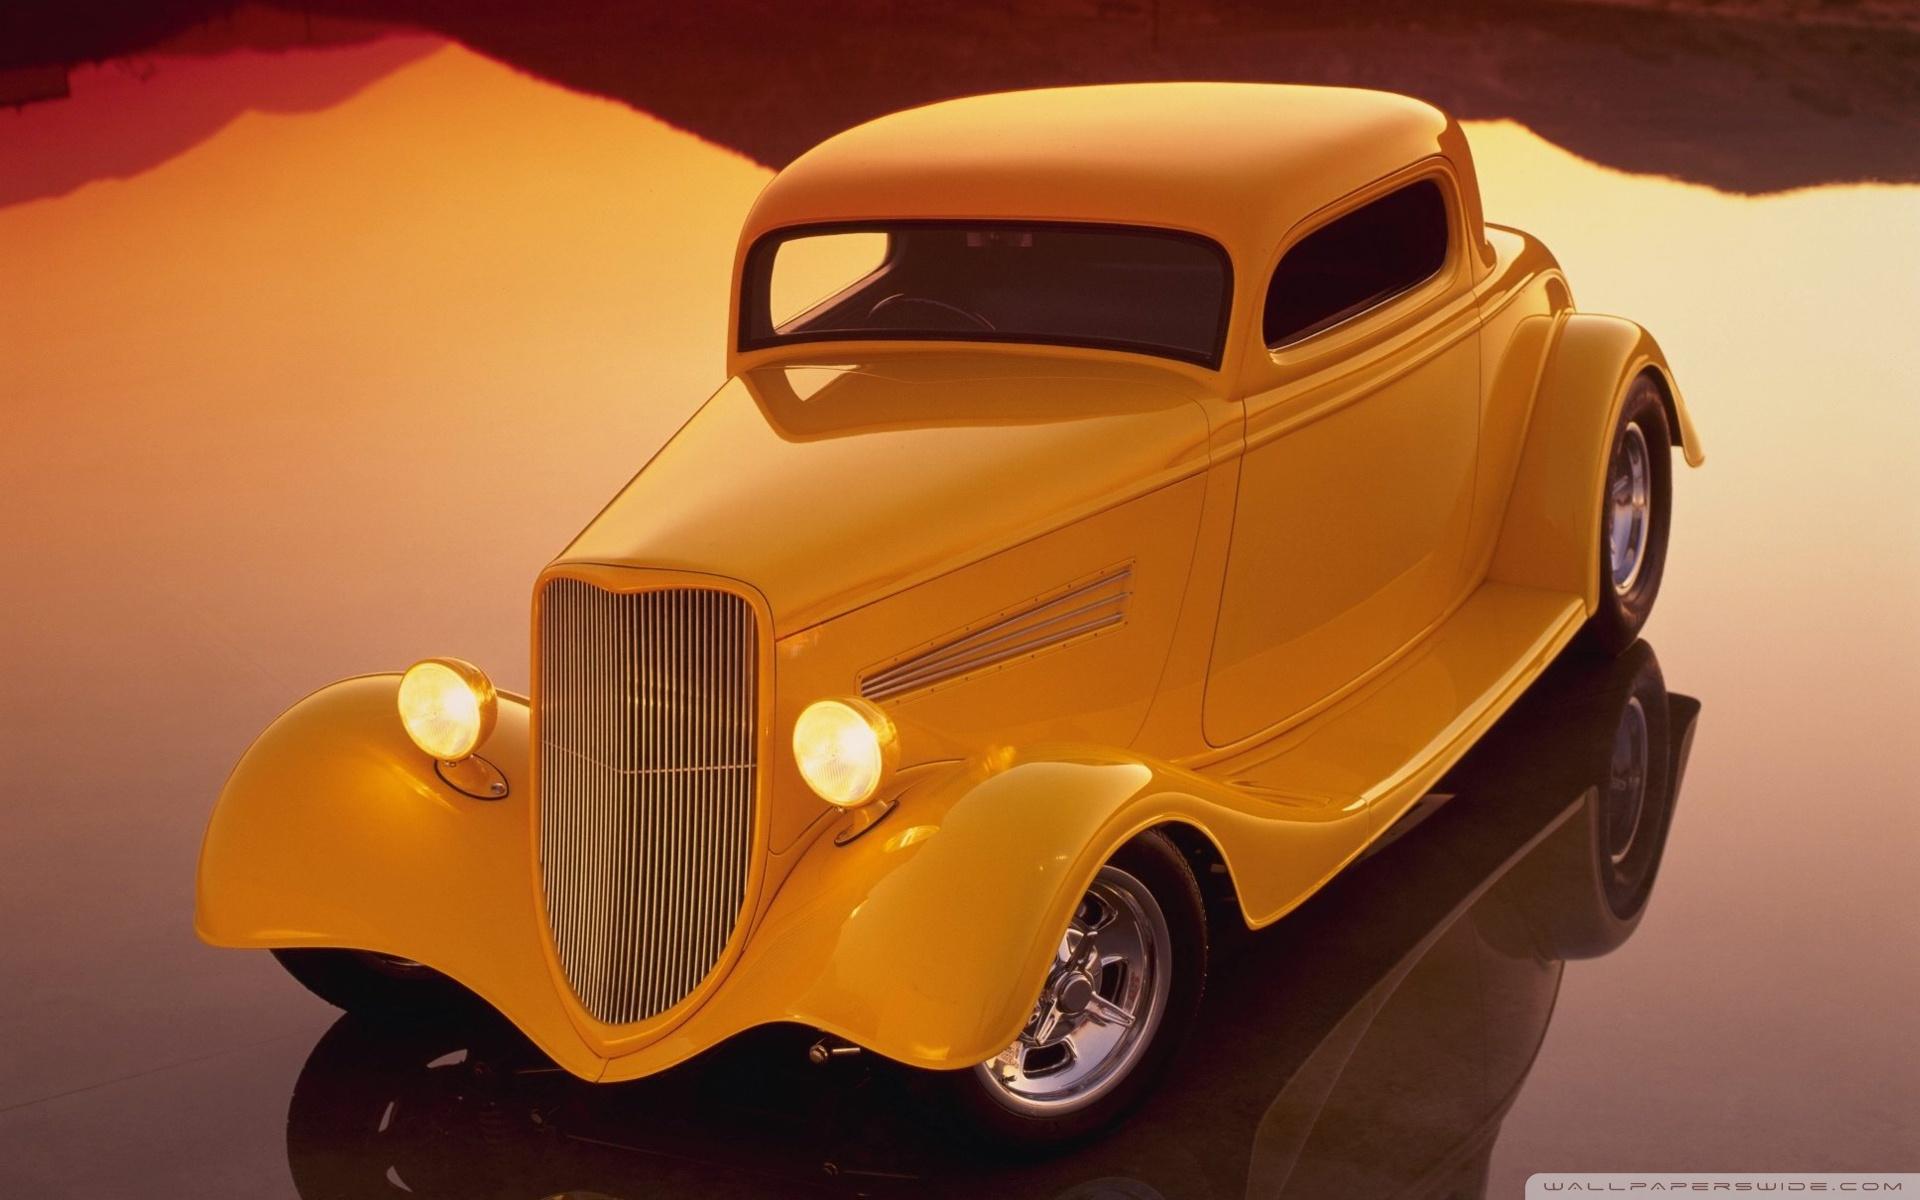 Classic Hot Rod - HD Wallpaper